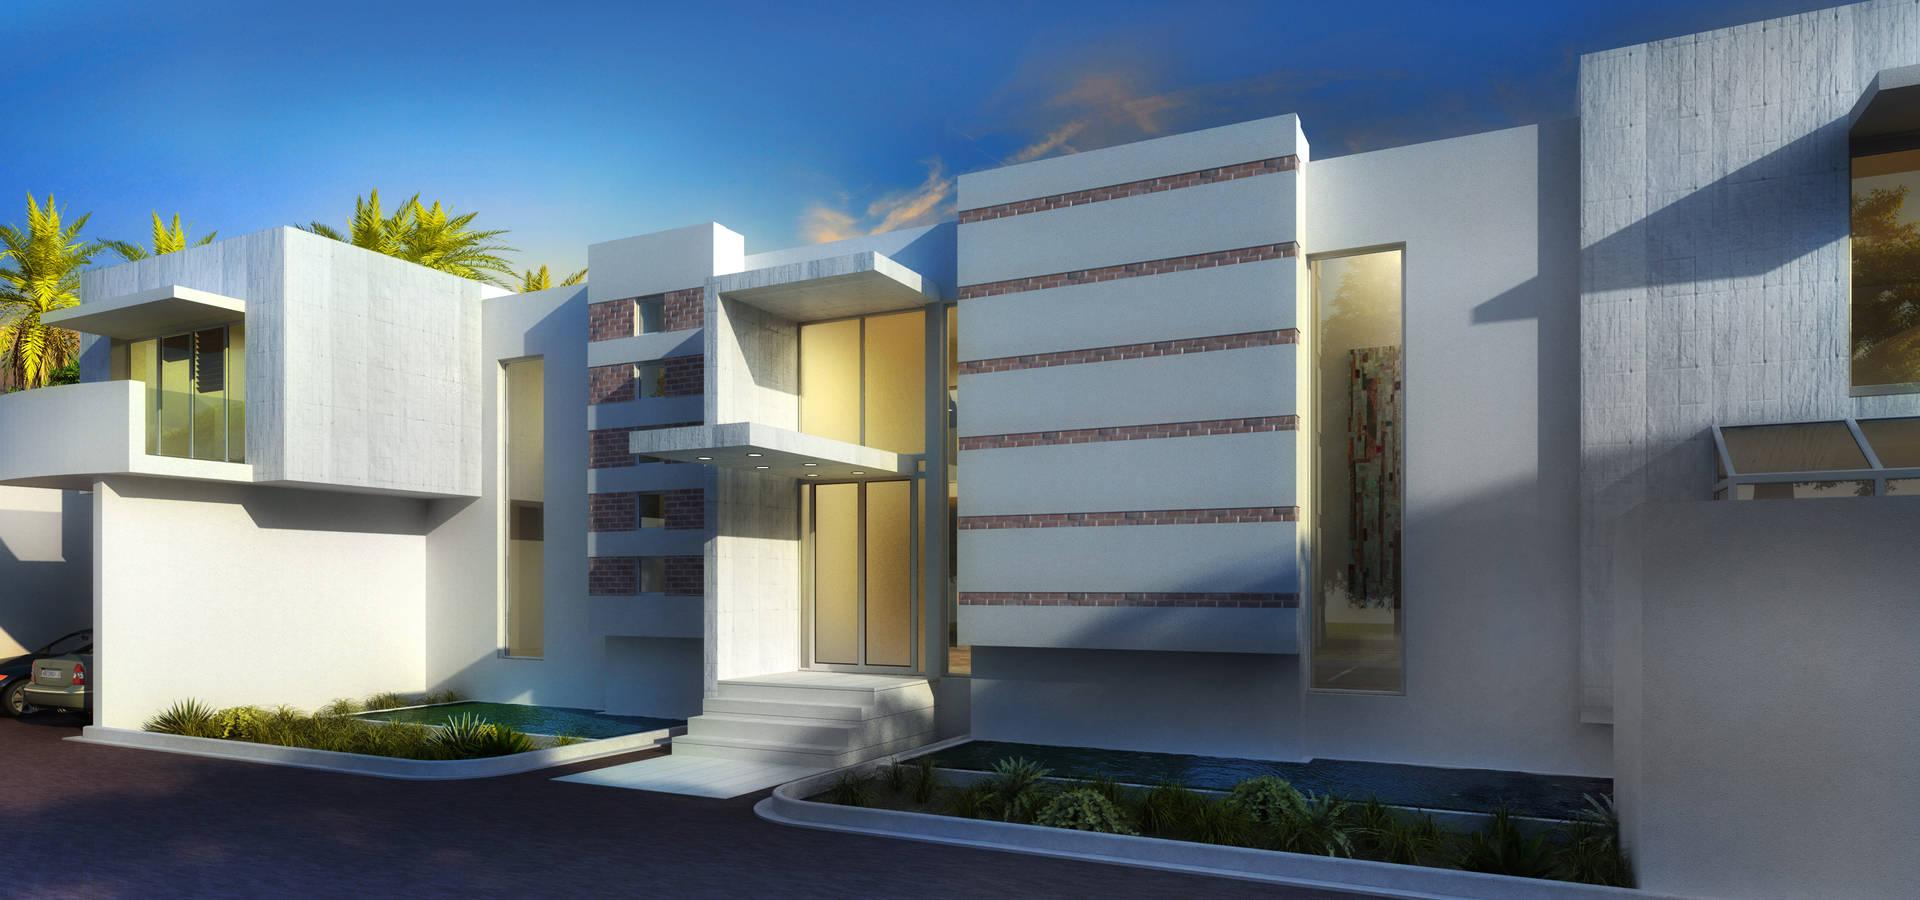 Soffietti—Studio di Architettura